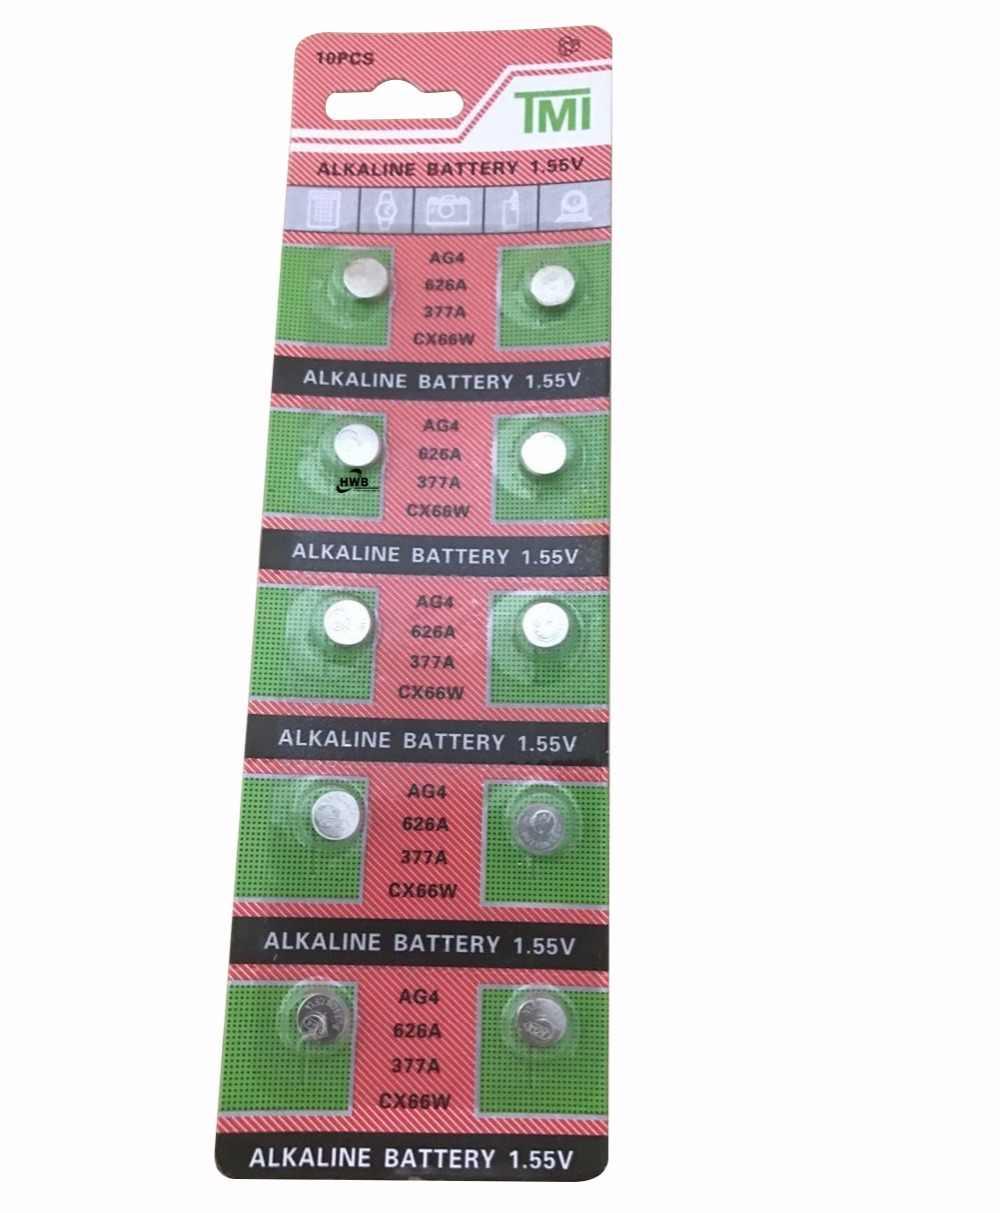 ขายส่ง10ชิ้น/ล็อต= 1บัตรAG4377A 377 LR626 SR626SW SR66 LR66ปุ่มเซลล์นาฬิกาเหรียญแบตเตอรี่, TIANQIUBrandแบตเตอรี่